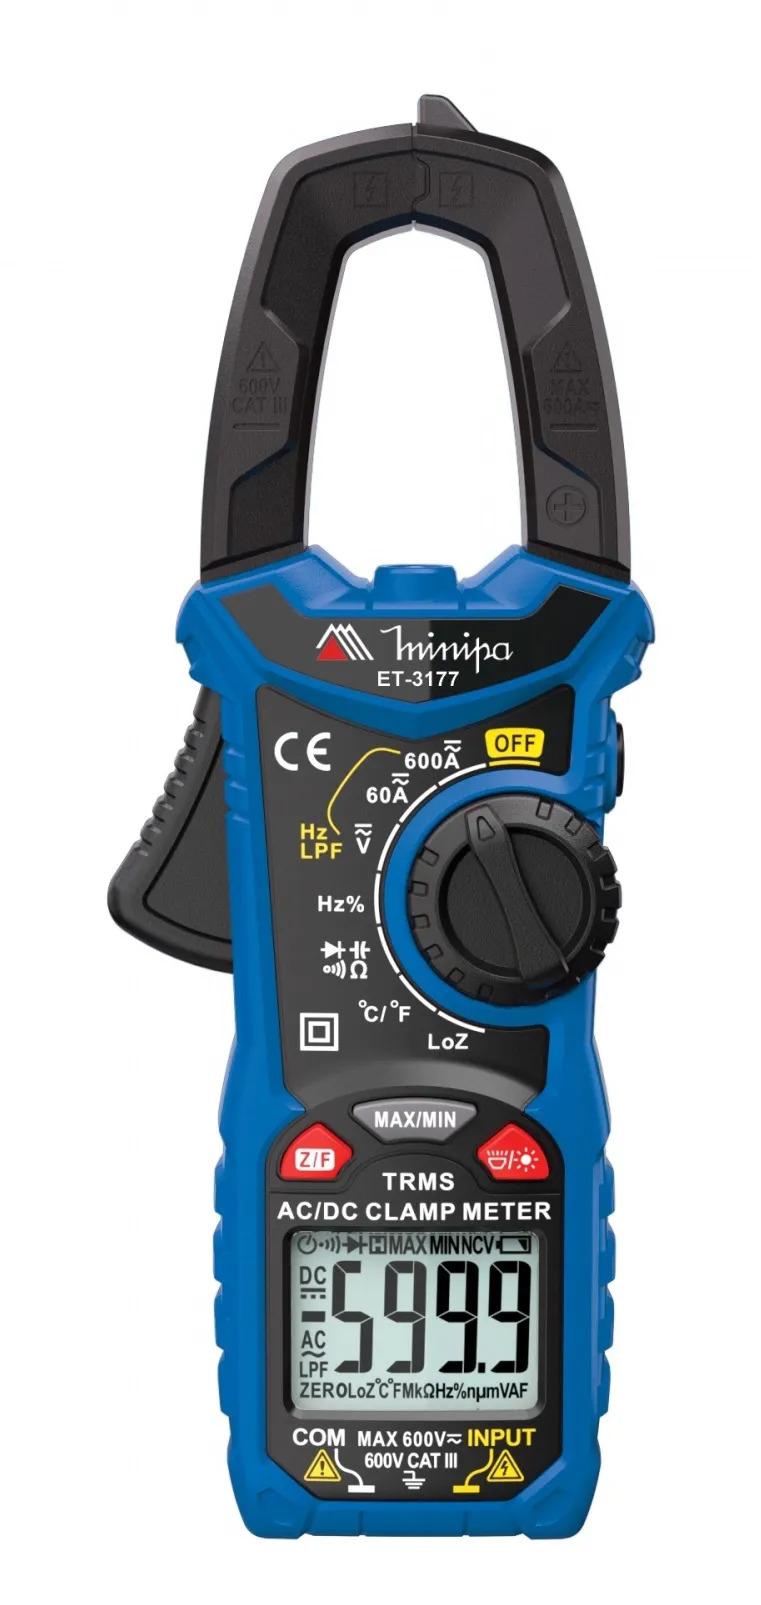 Alicate amperimetro digital ET-3177  - EMPORIO K